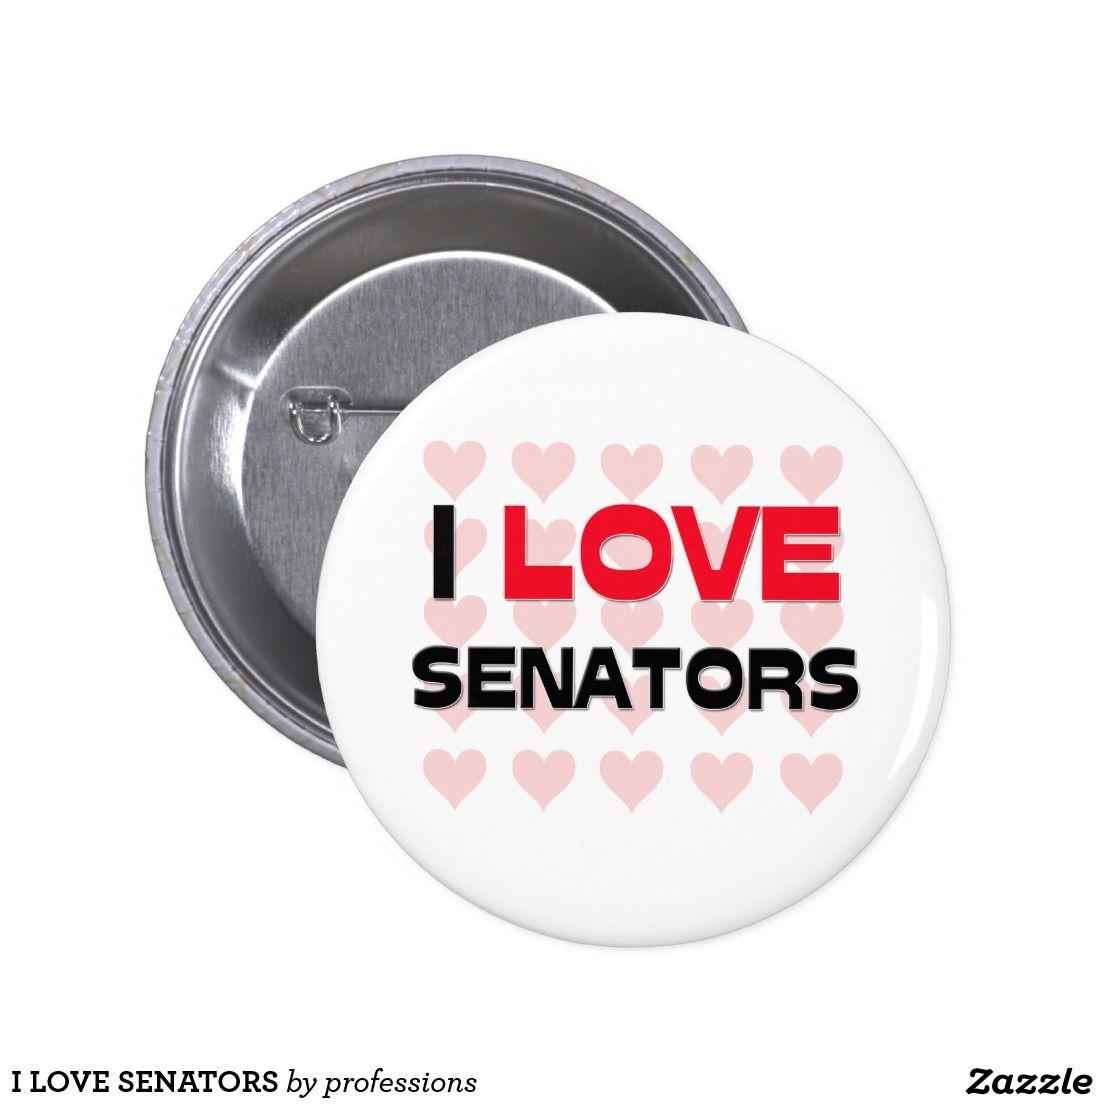 I LOVE SENATORS BUTTON